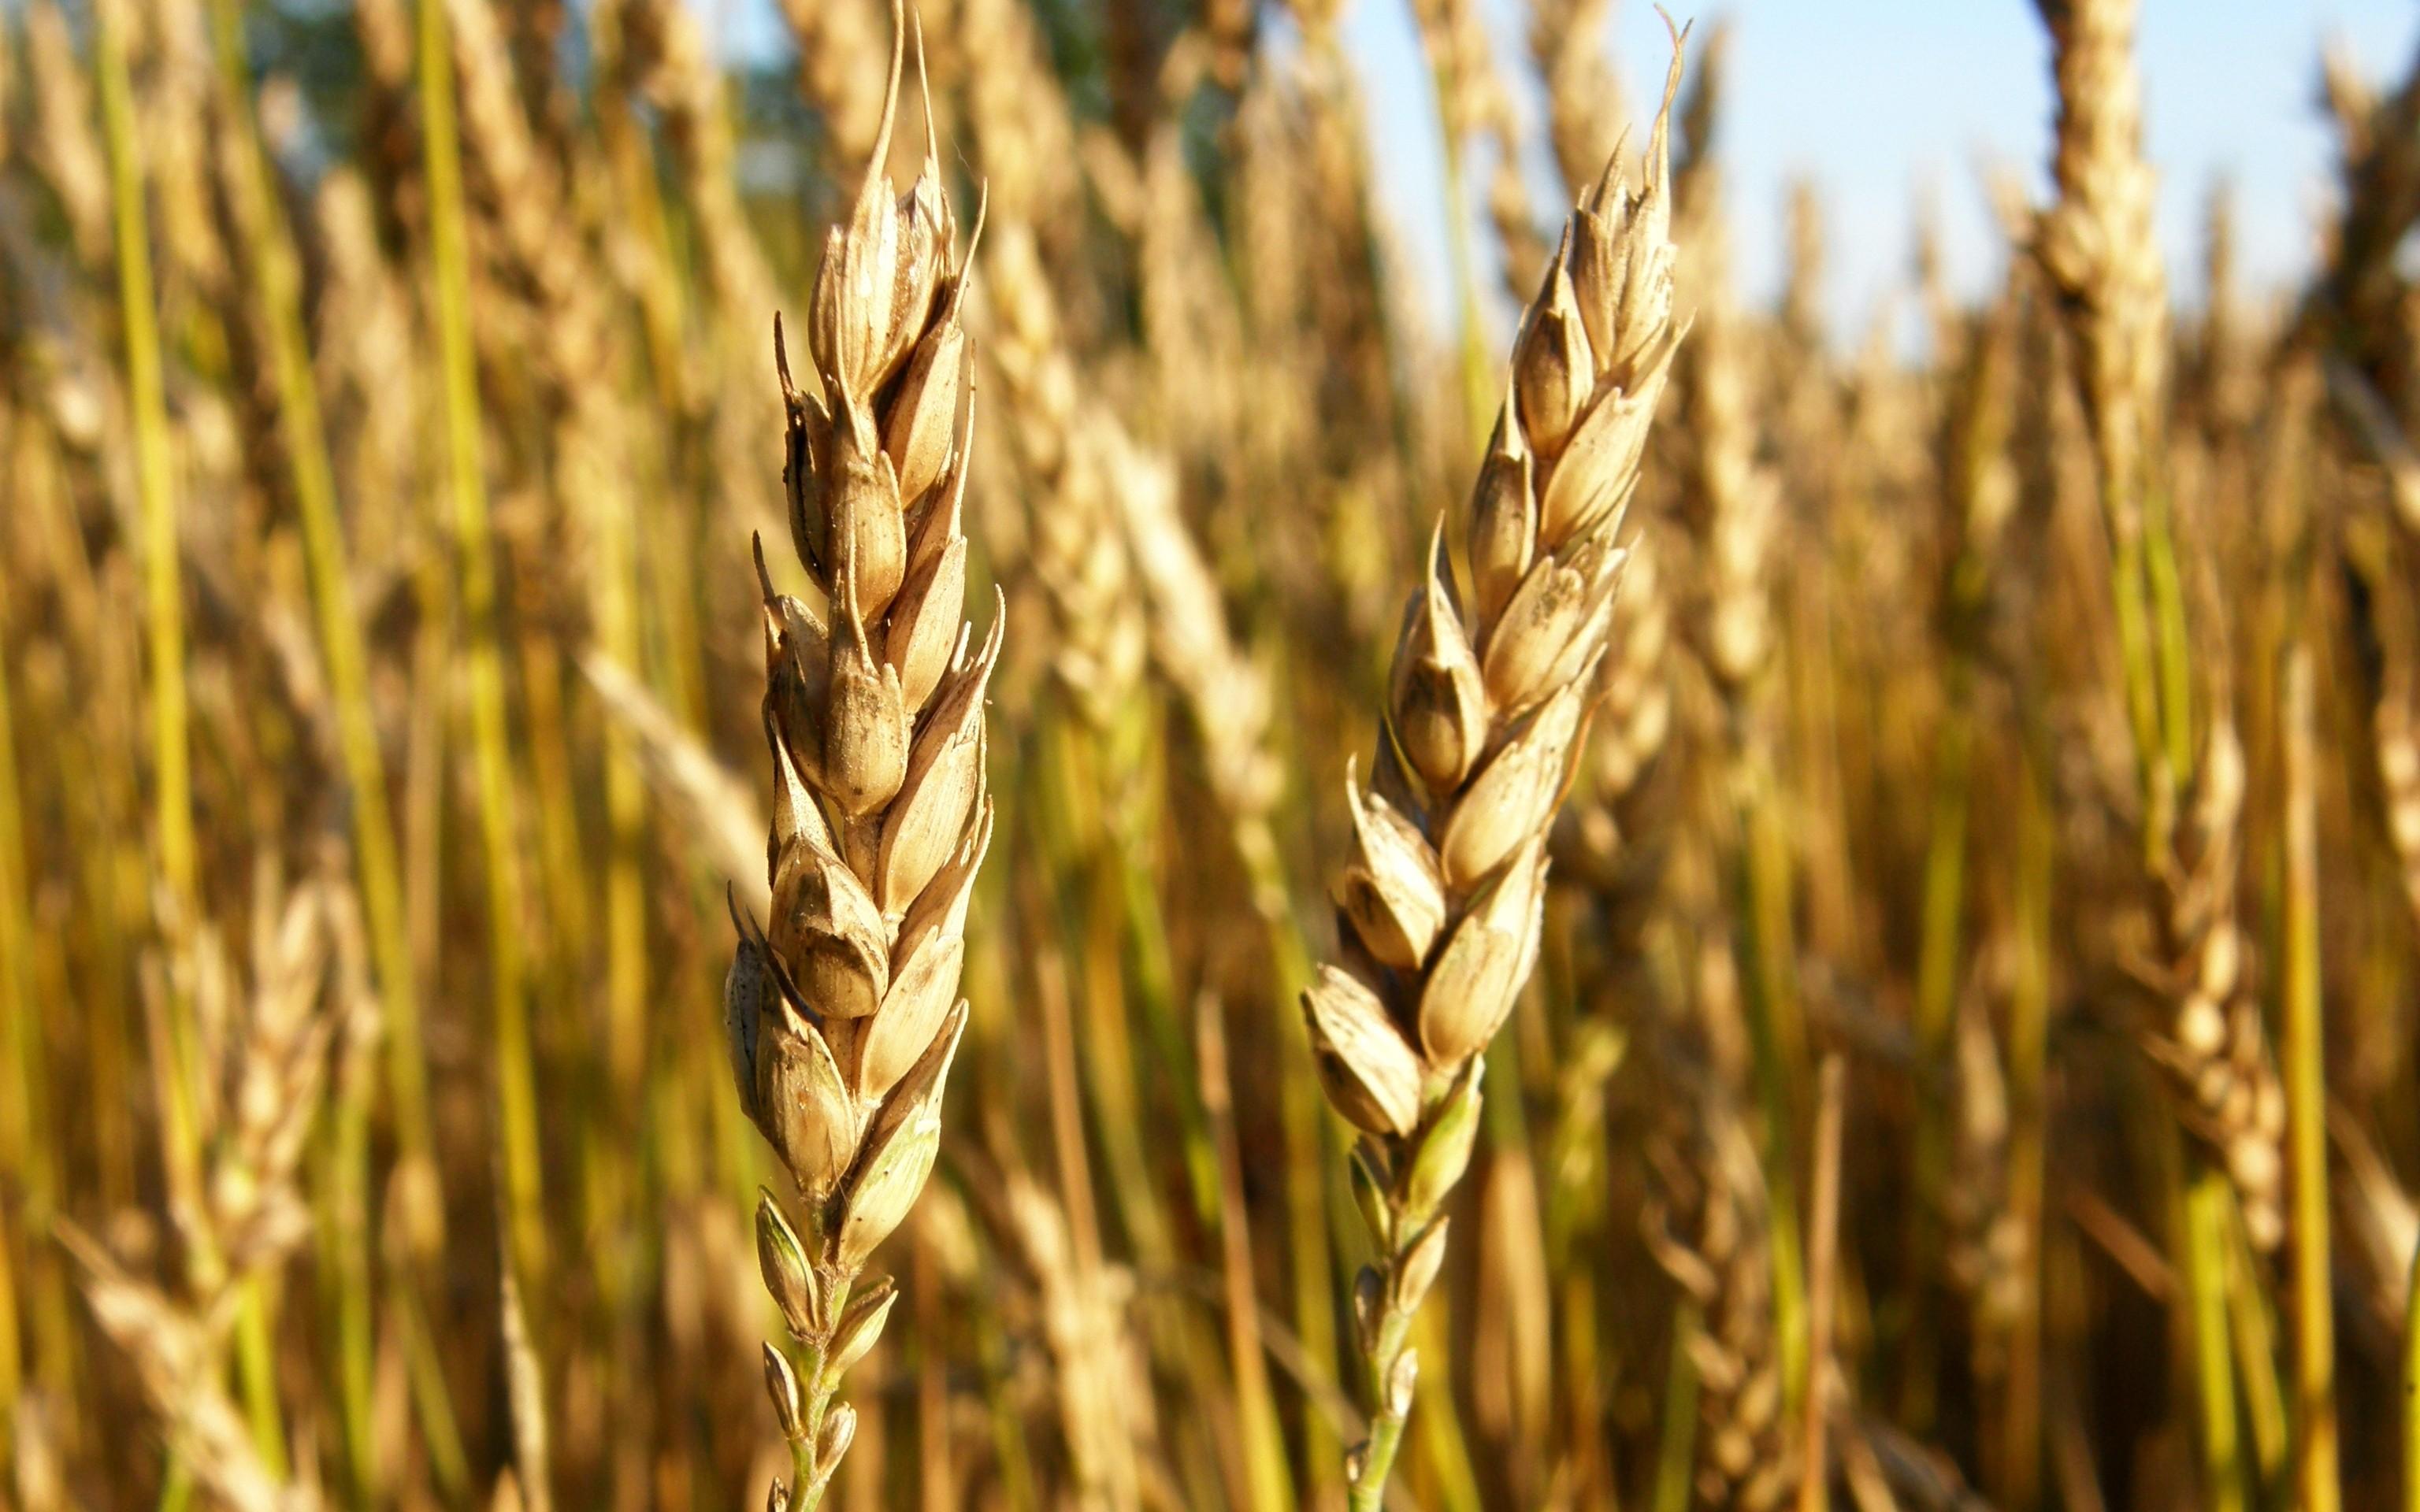 тесто фото ячменя пшеницы ржи если приложить немного